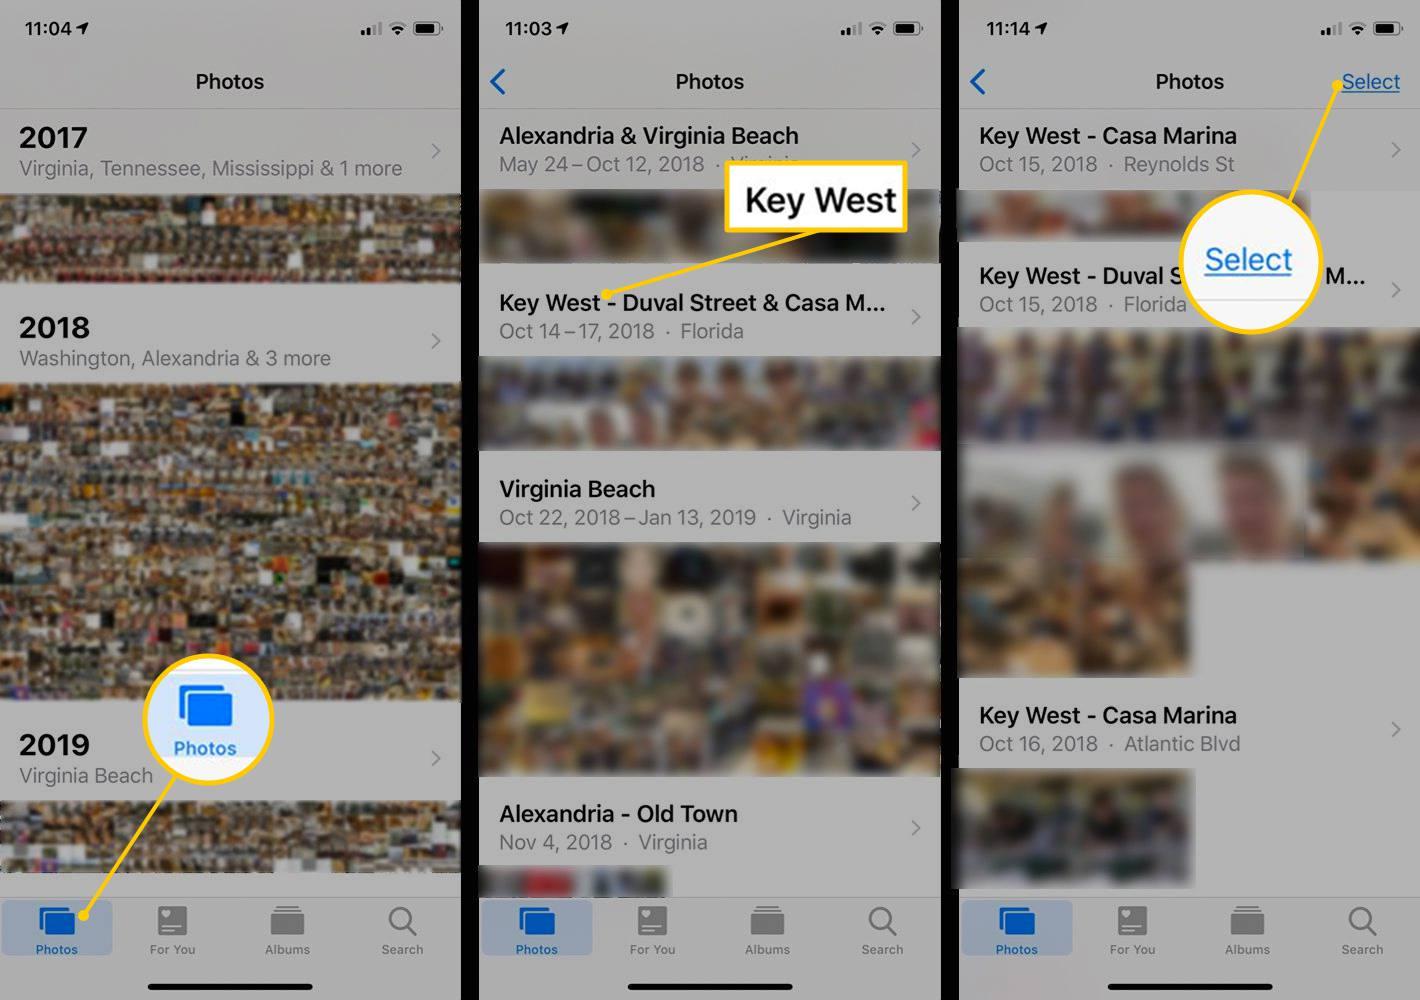 Photos, Album select, Select button in iOS Photos